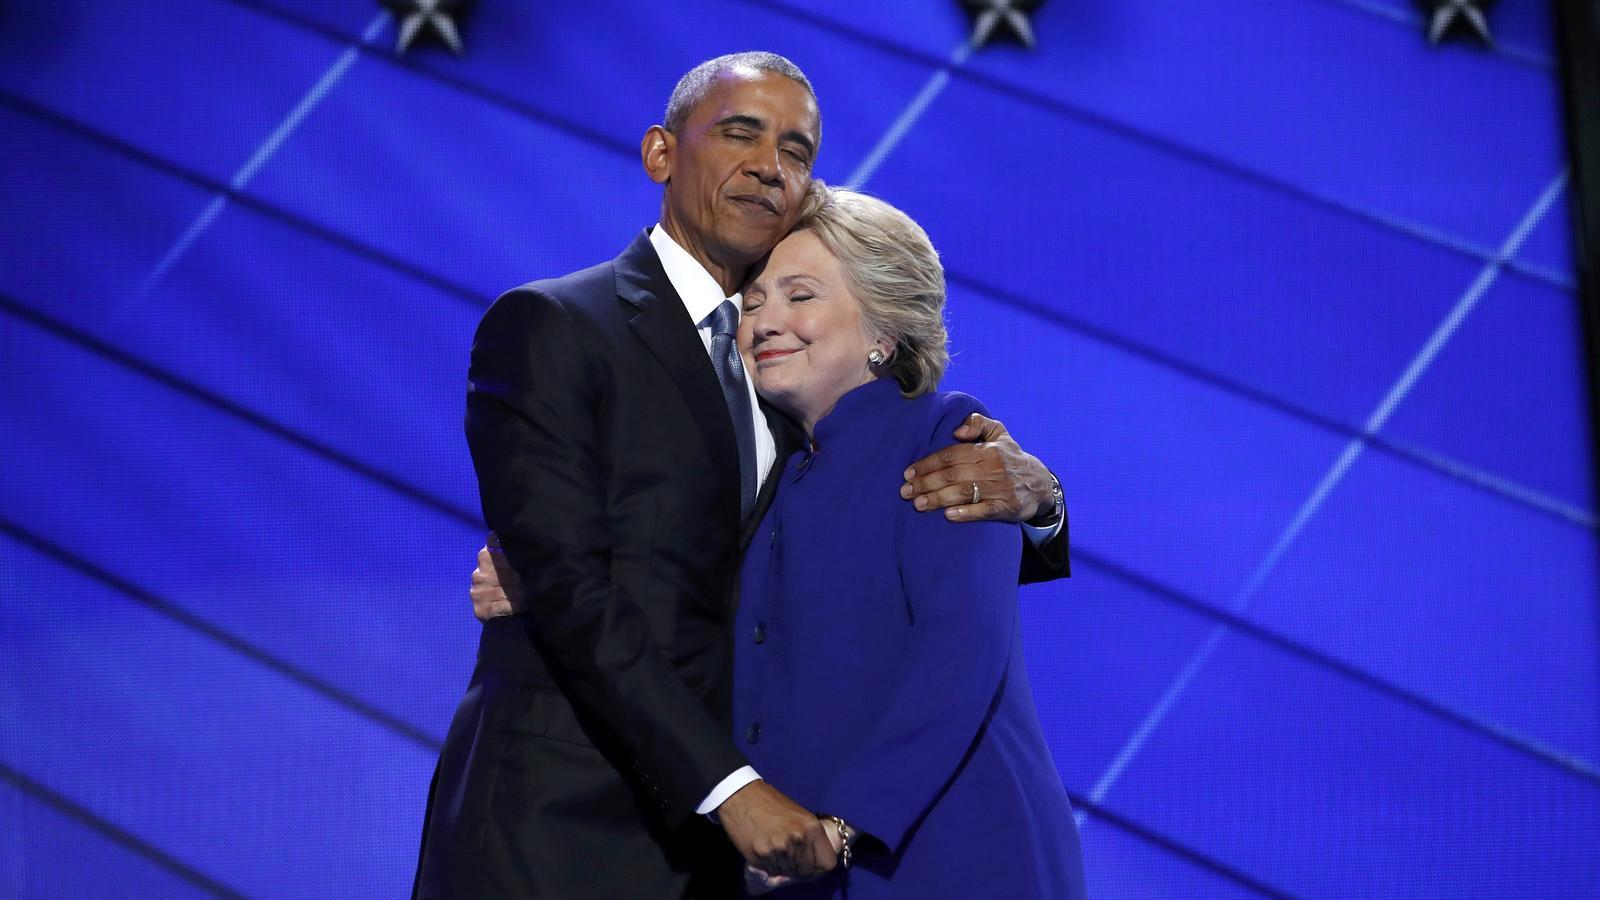 Barack Obama i Hillary Clinton s'abracen després del discurs del president nord-americà a la convenció demòcrata de Filadèlfia